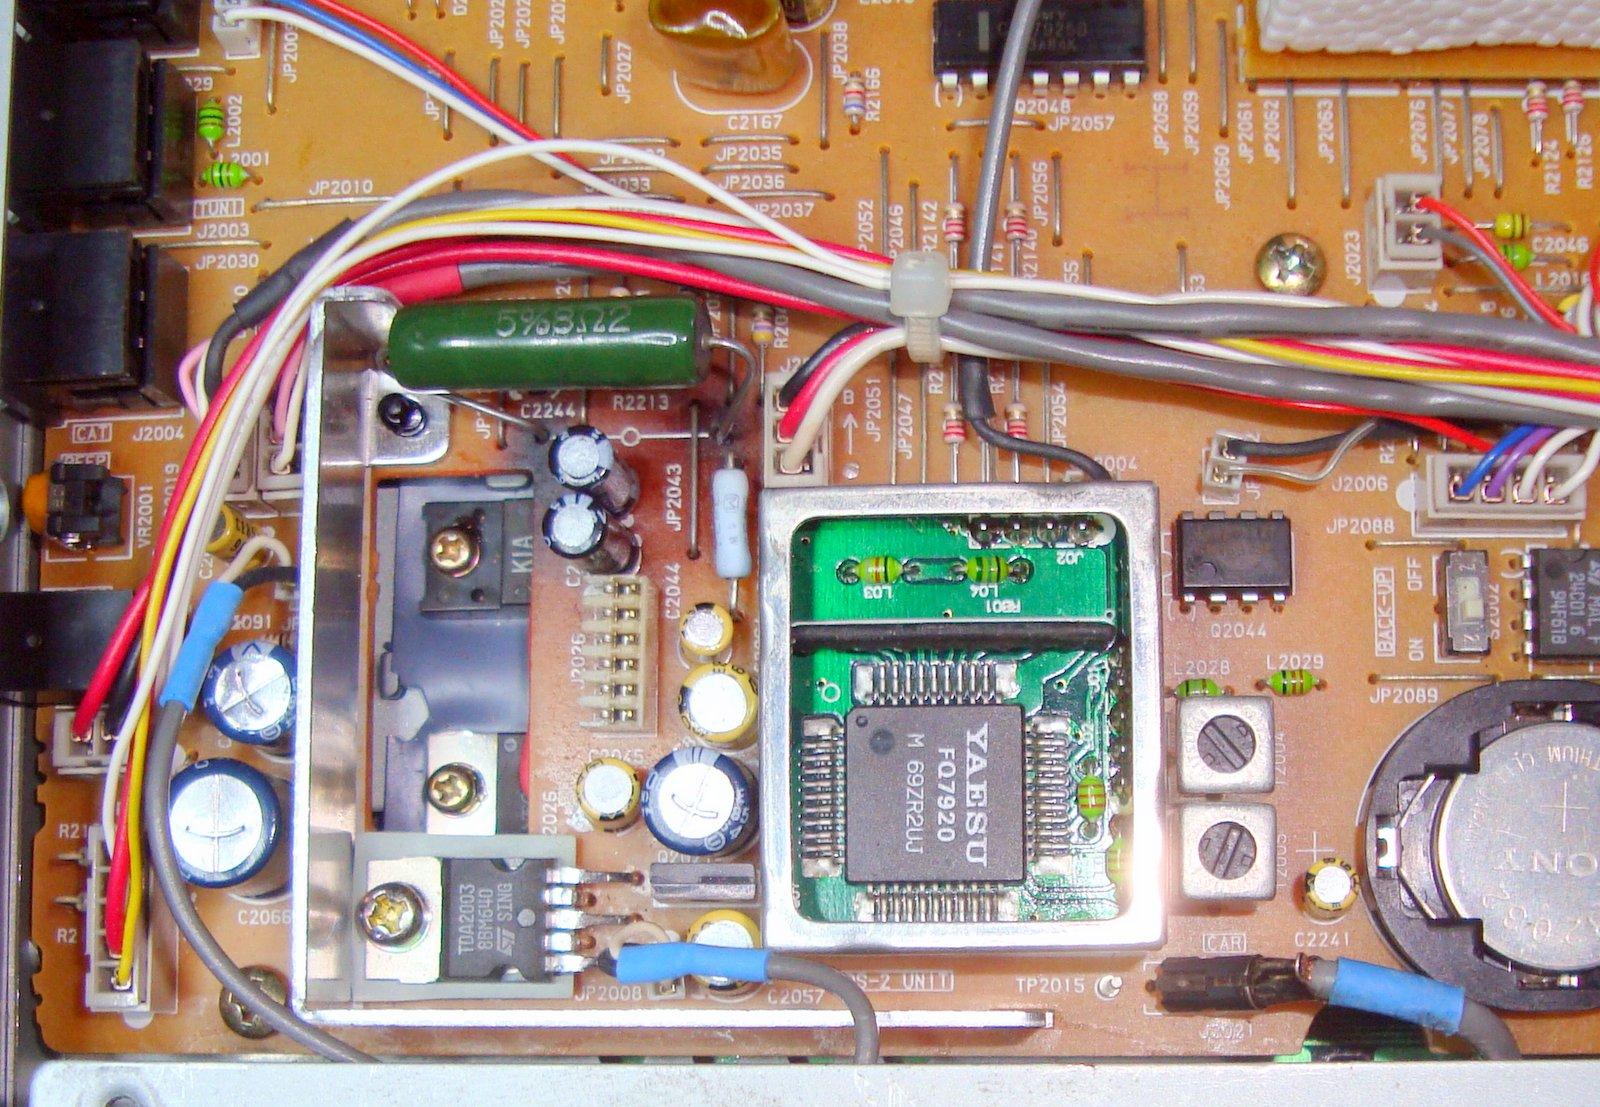 FT840 Yaesu : Panne totale - L'émetteur-récepteur ne s'allume pas (uniquement rétroéclairage du S-mètre) Ft840-platine-apres-depannage